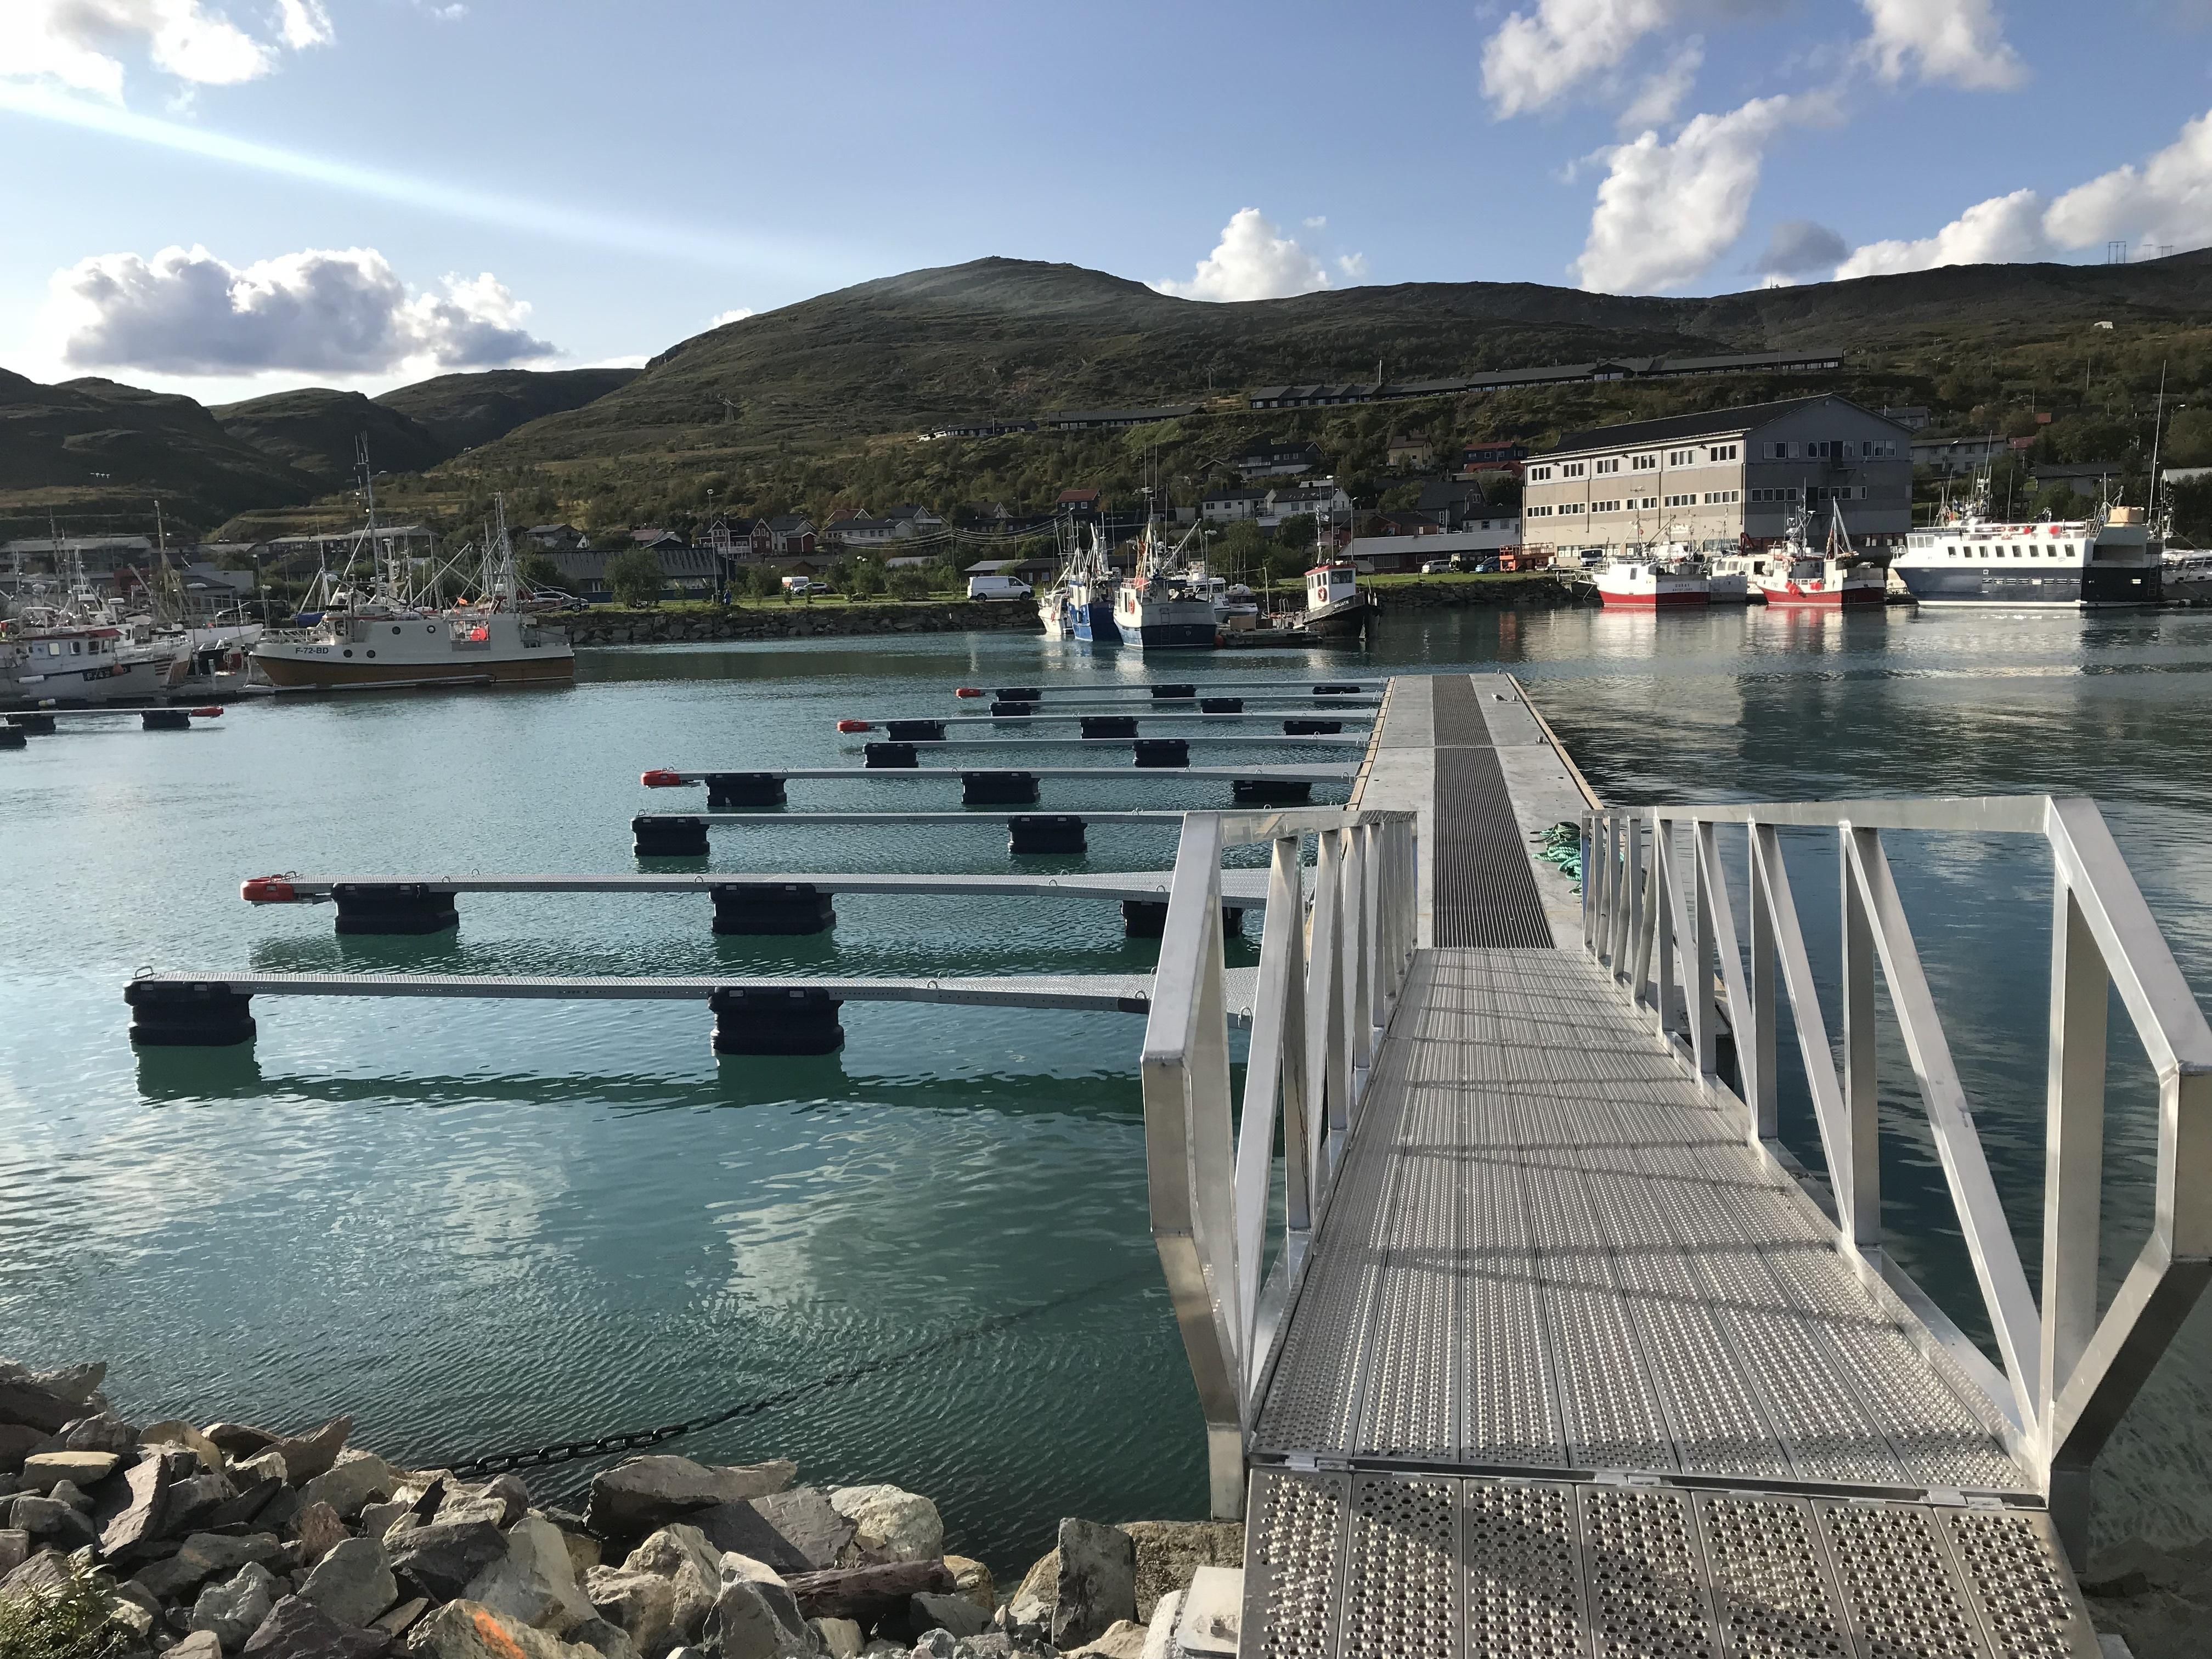 https://marinasolutions.no/uploads/Båtsfjord-Snøfribrygge-Marina-Solutions-utriggere-finnmark-2.jpg